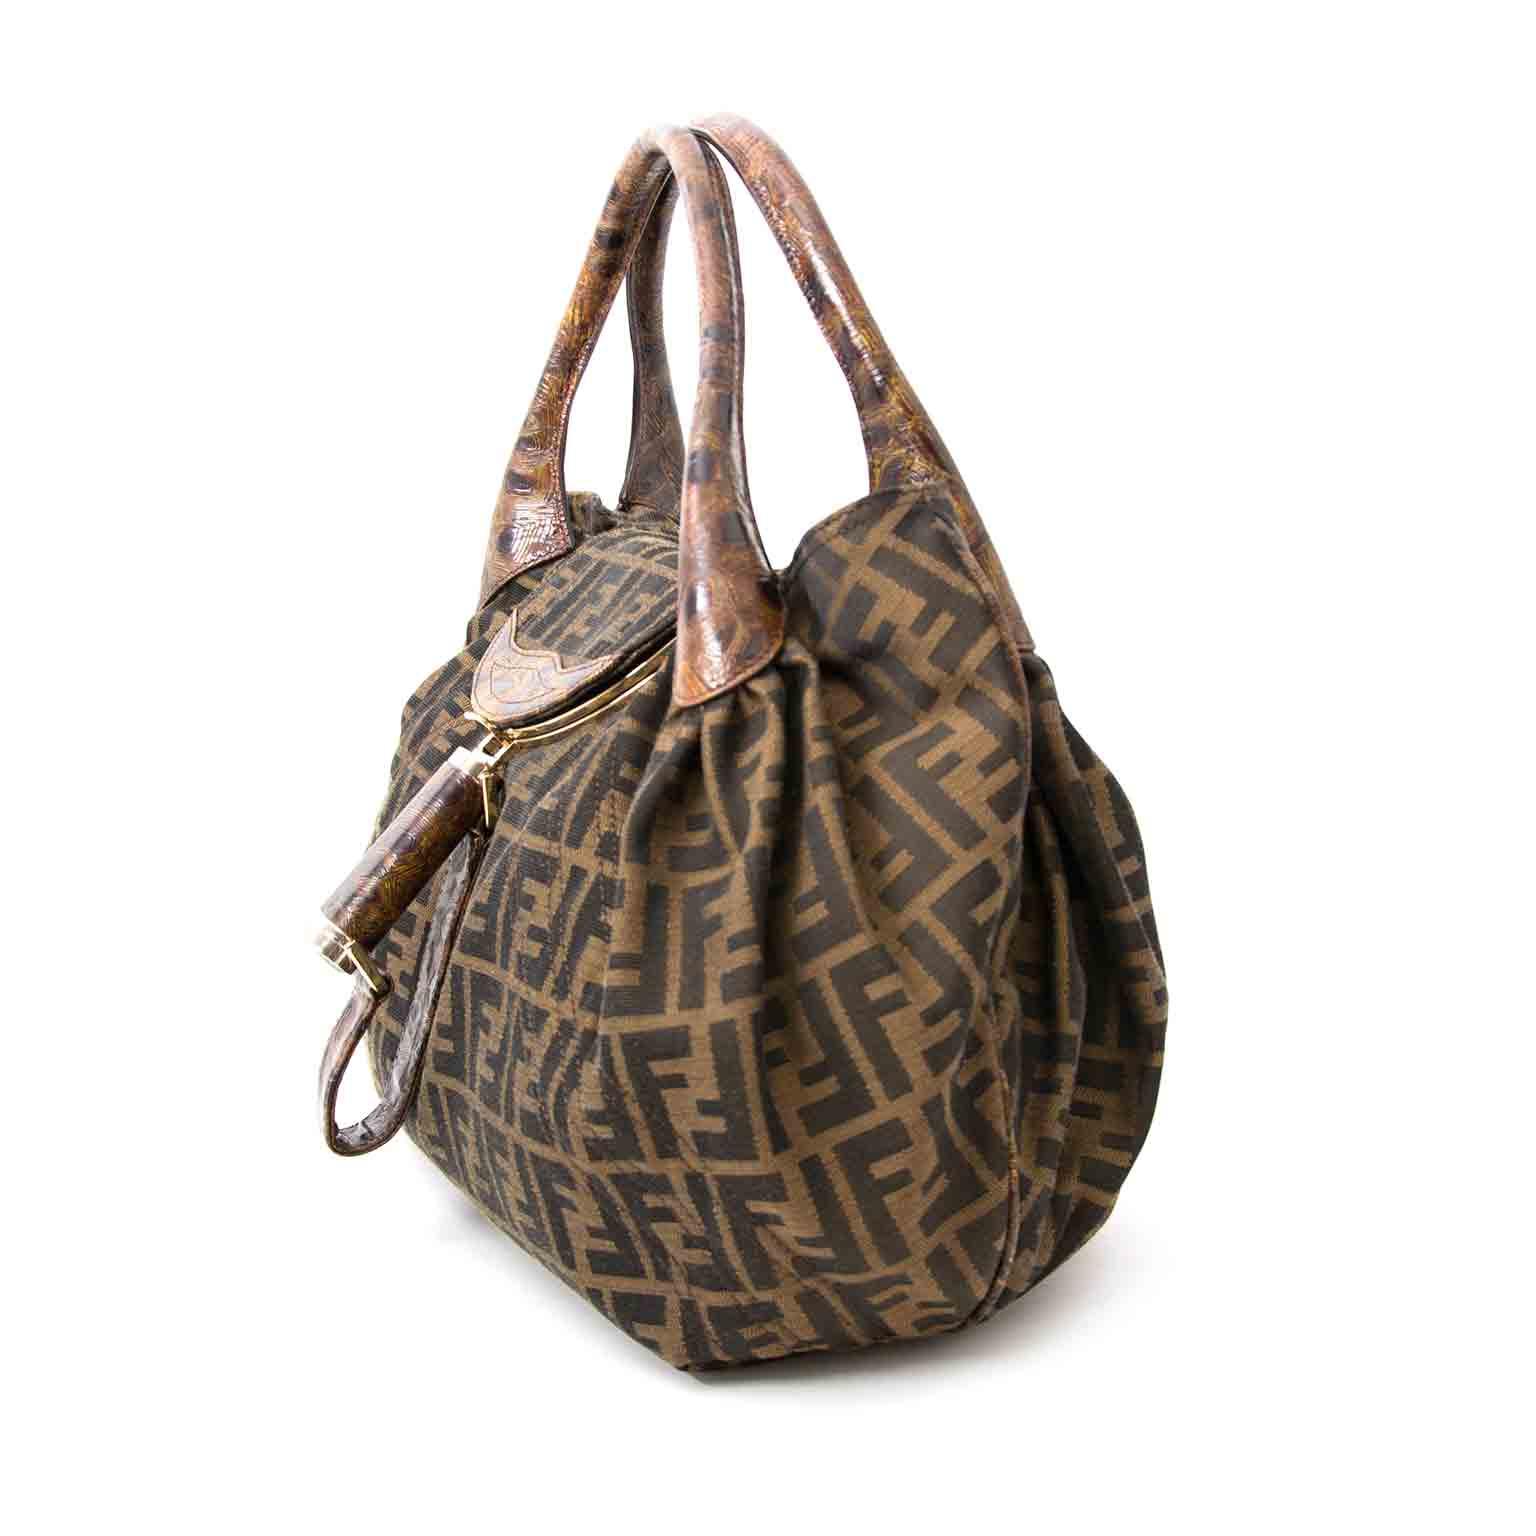 koop veilig online tegen de beste prijs Fendi Zucca Turtle Spy Bag